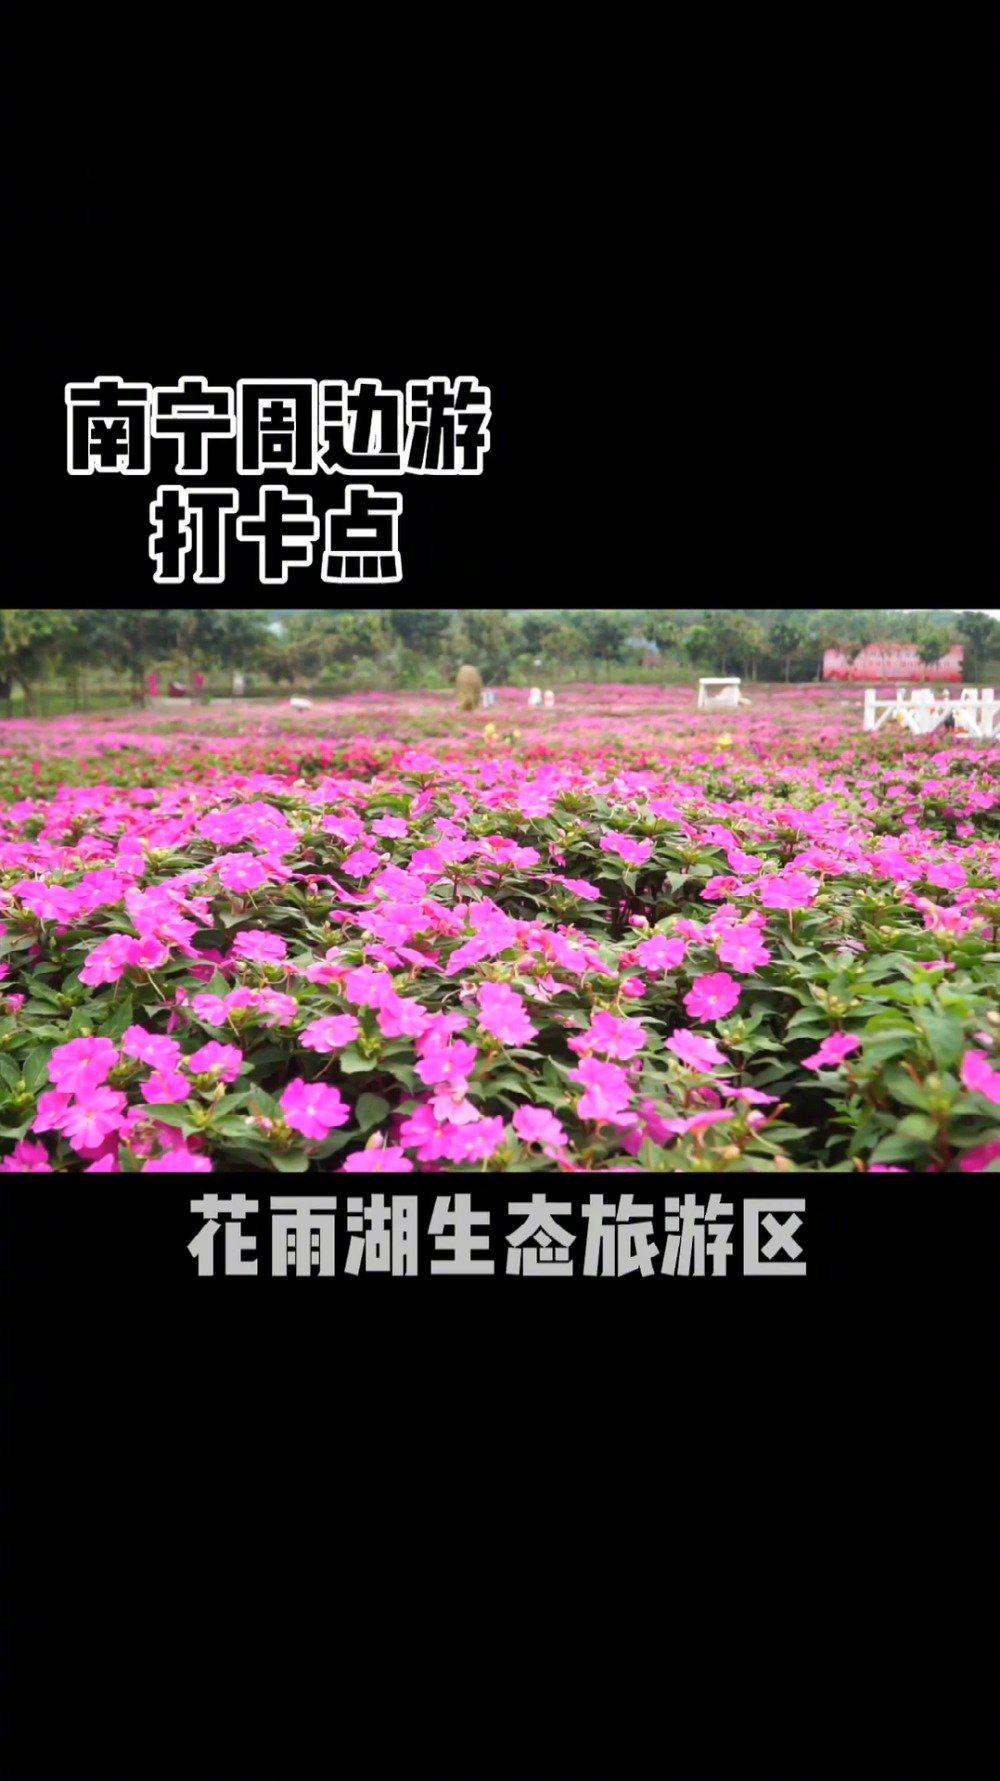 每年必来打卡地!南宁花雨湖生态休闲旅游景区